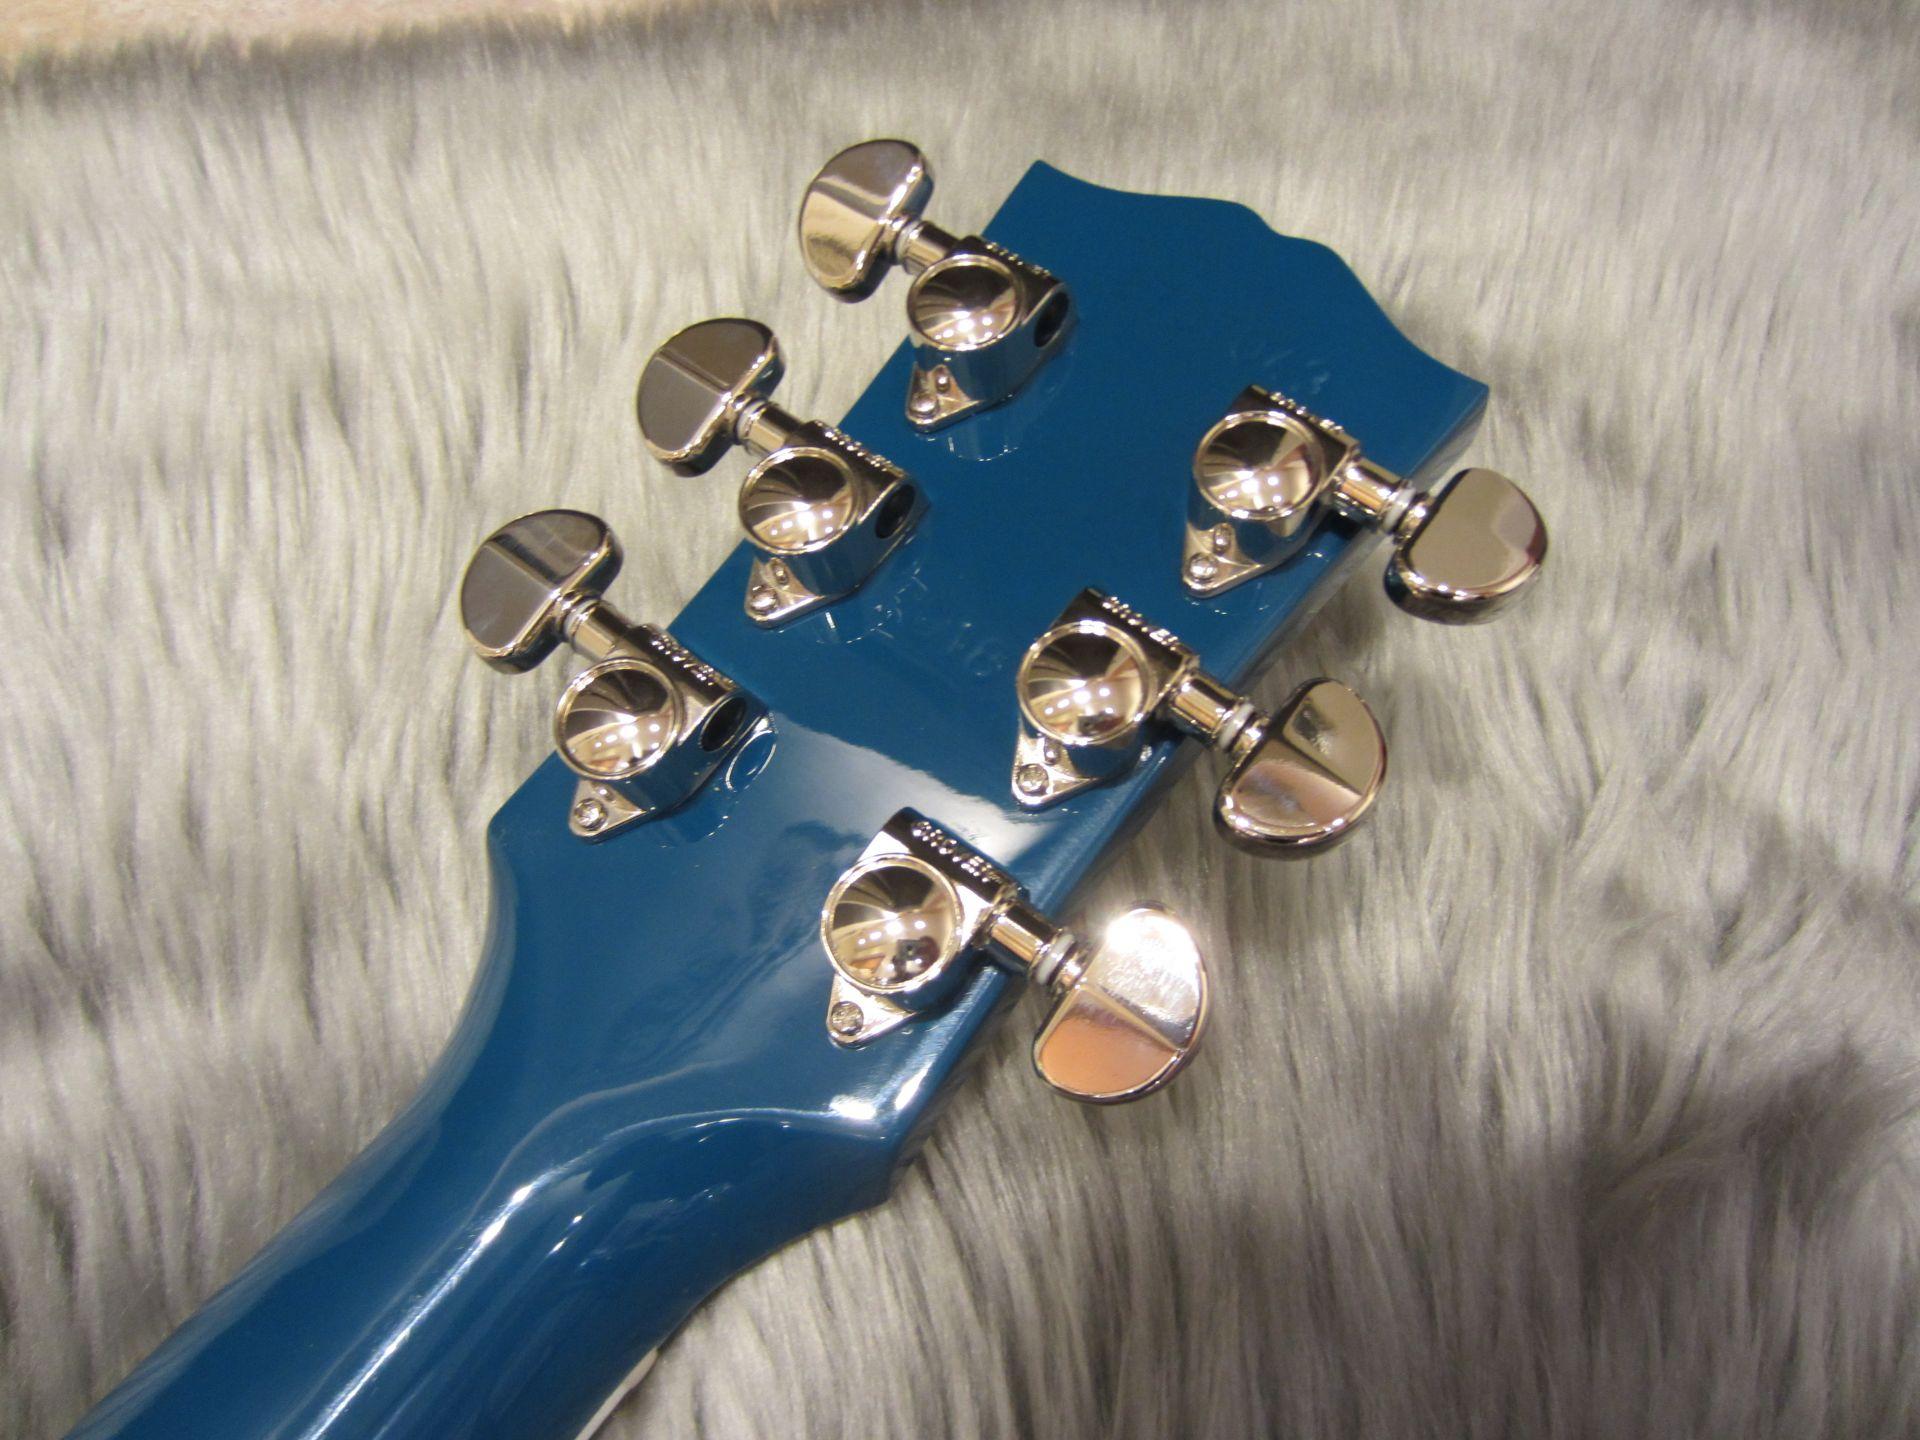 Hummingbird Sky Blueのヘッド裏-アップ画像